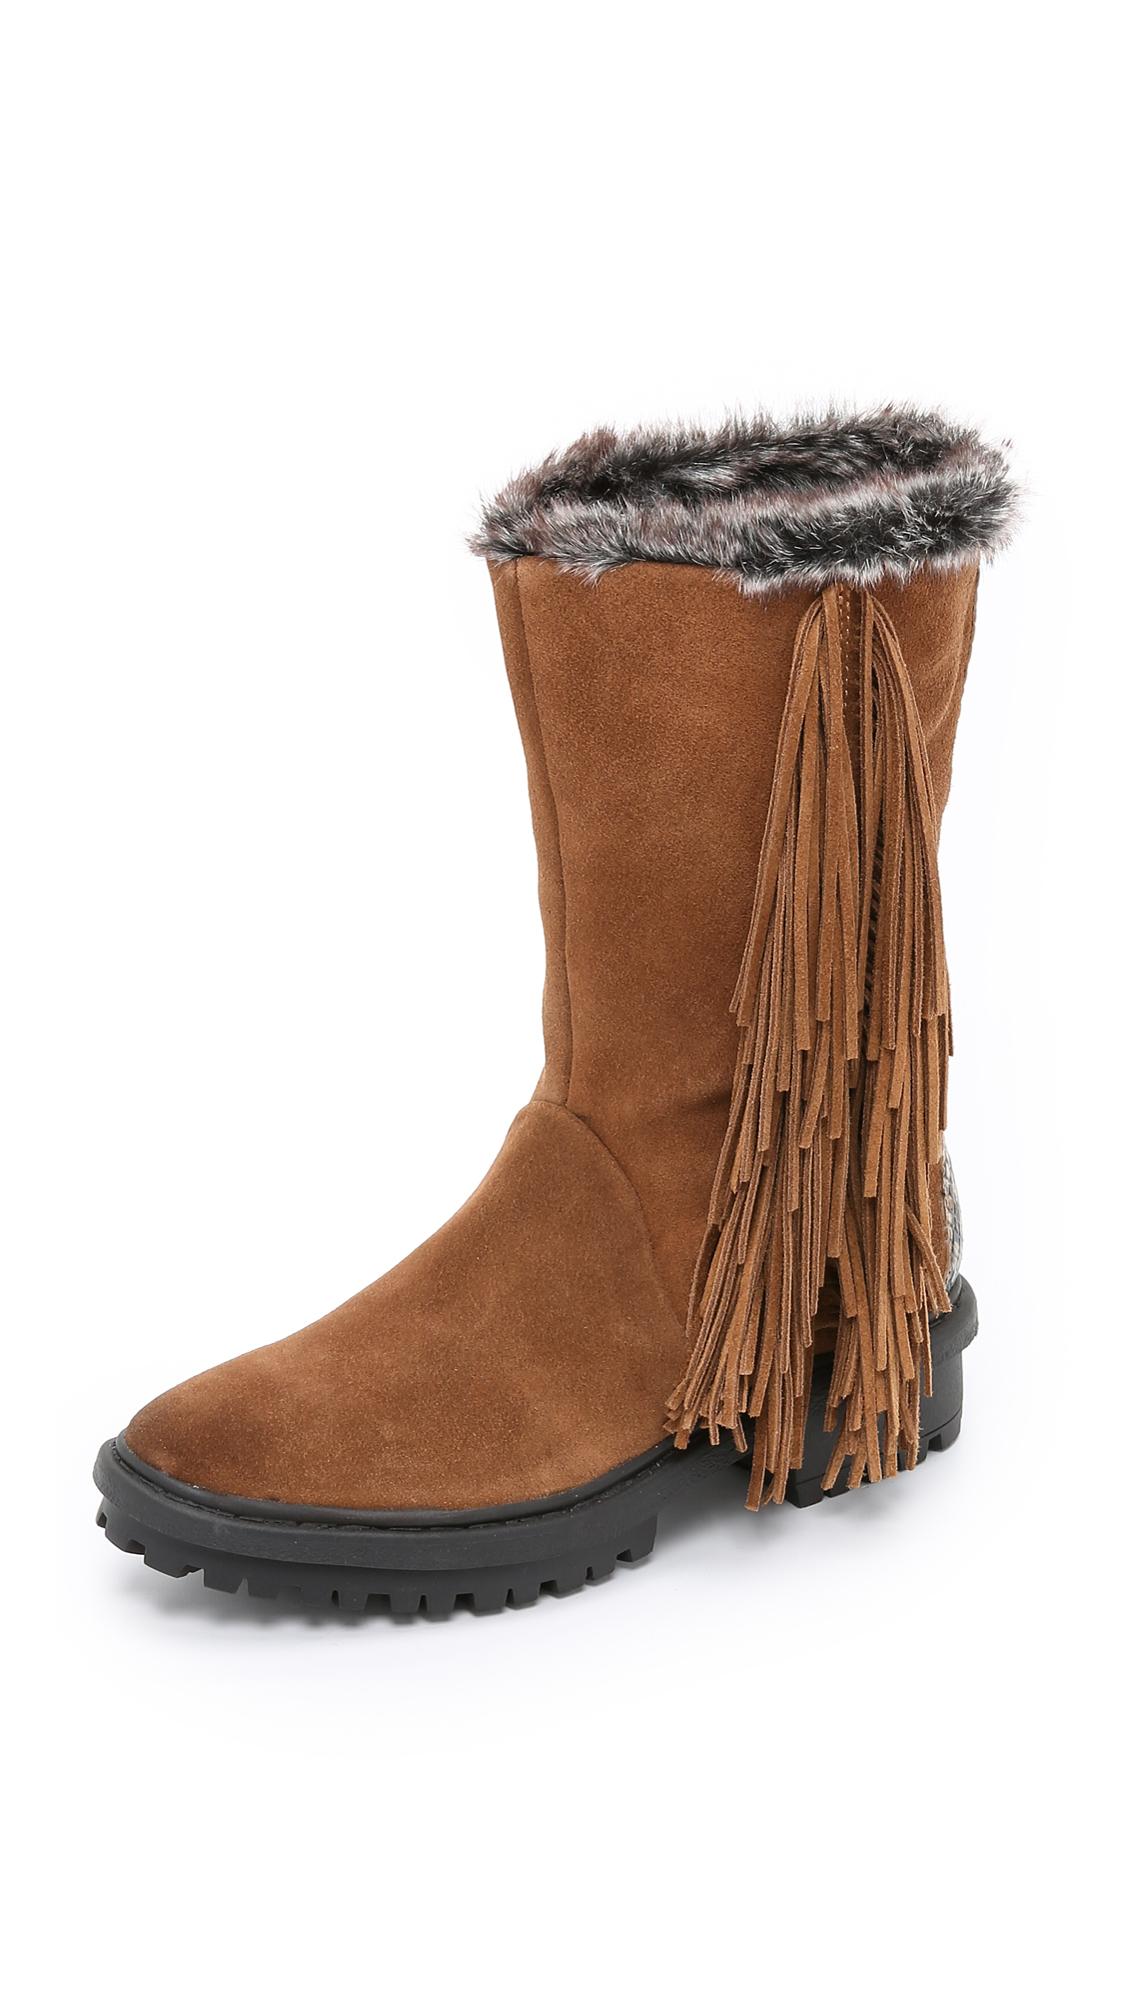 29d541f41589b7 Lyst - Sam Edelman Tilden Faux Fur Lined Fringe Boots - Black in Brown